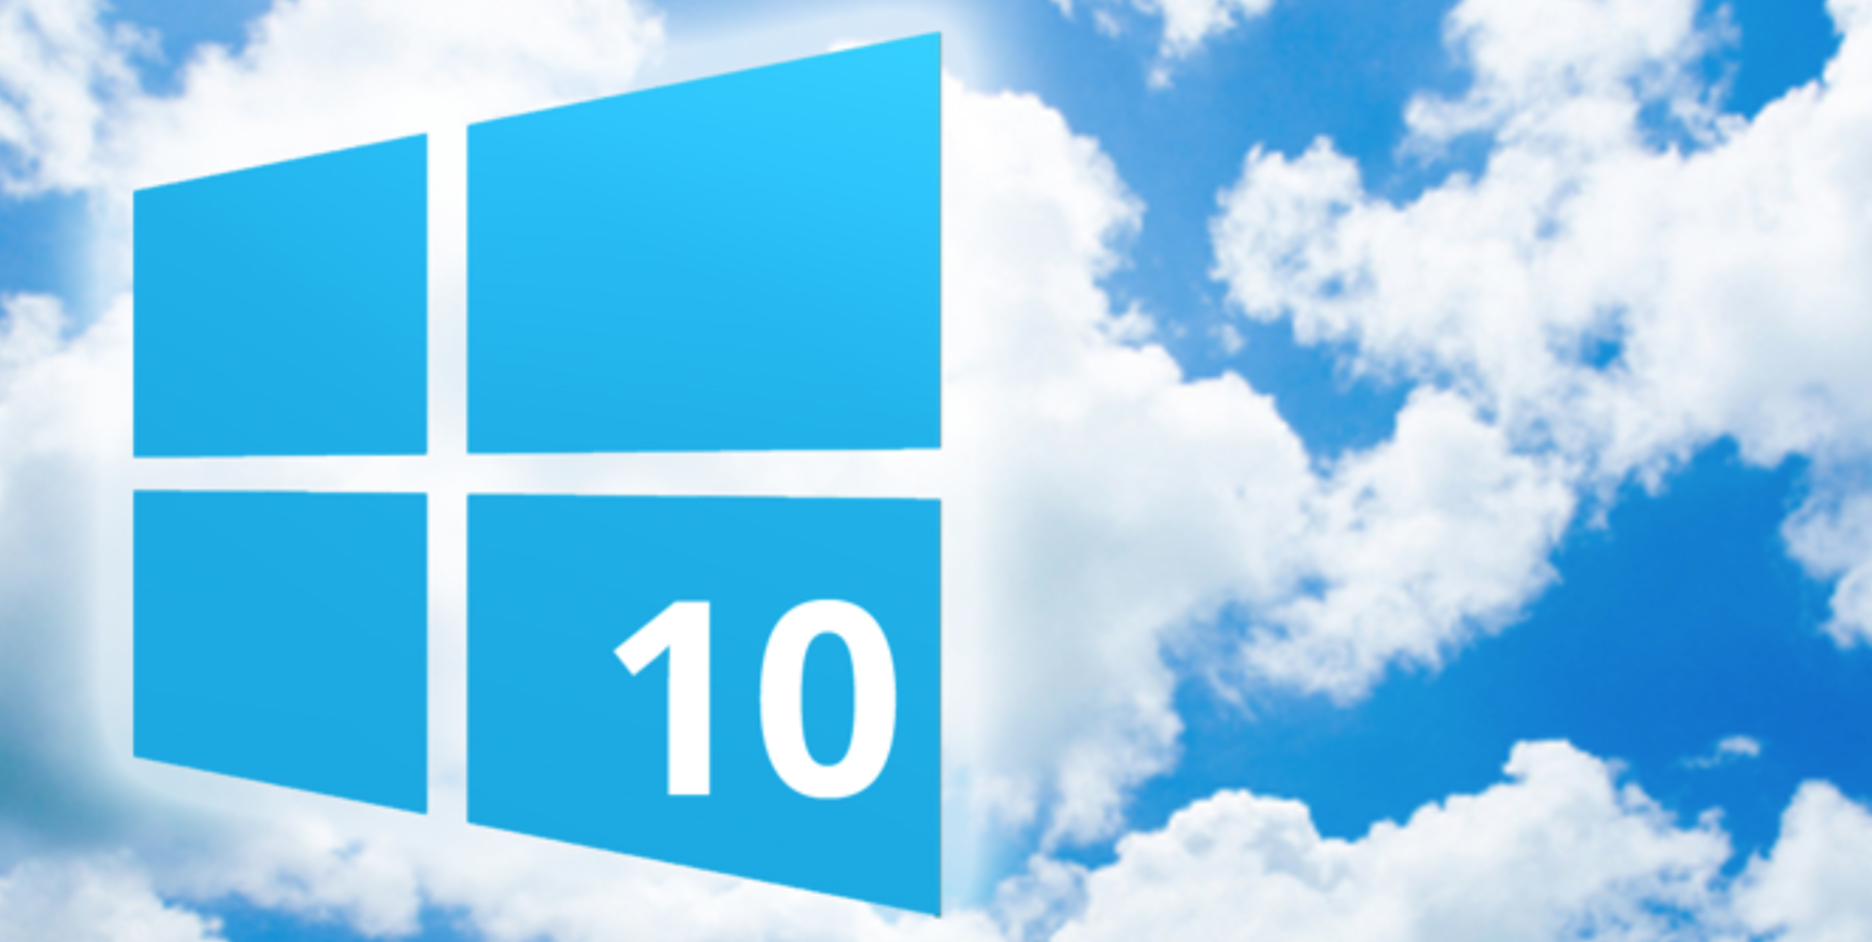 หลุดภาพ Windows 10 Cloud...OS แบบเบาๆไม่หนักเครื่อง